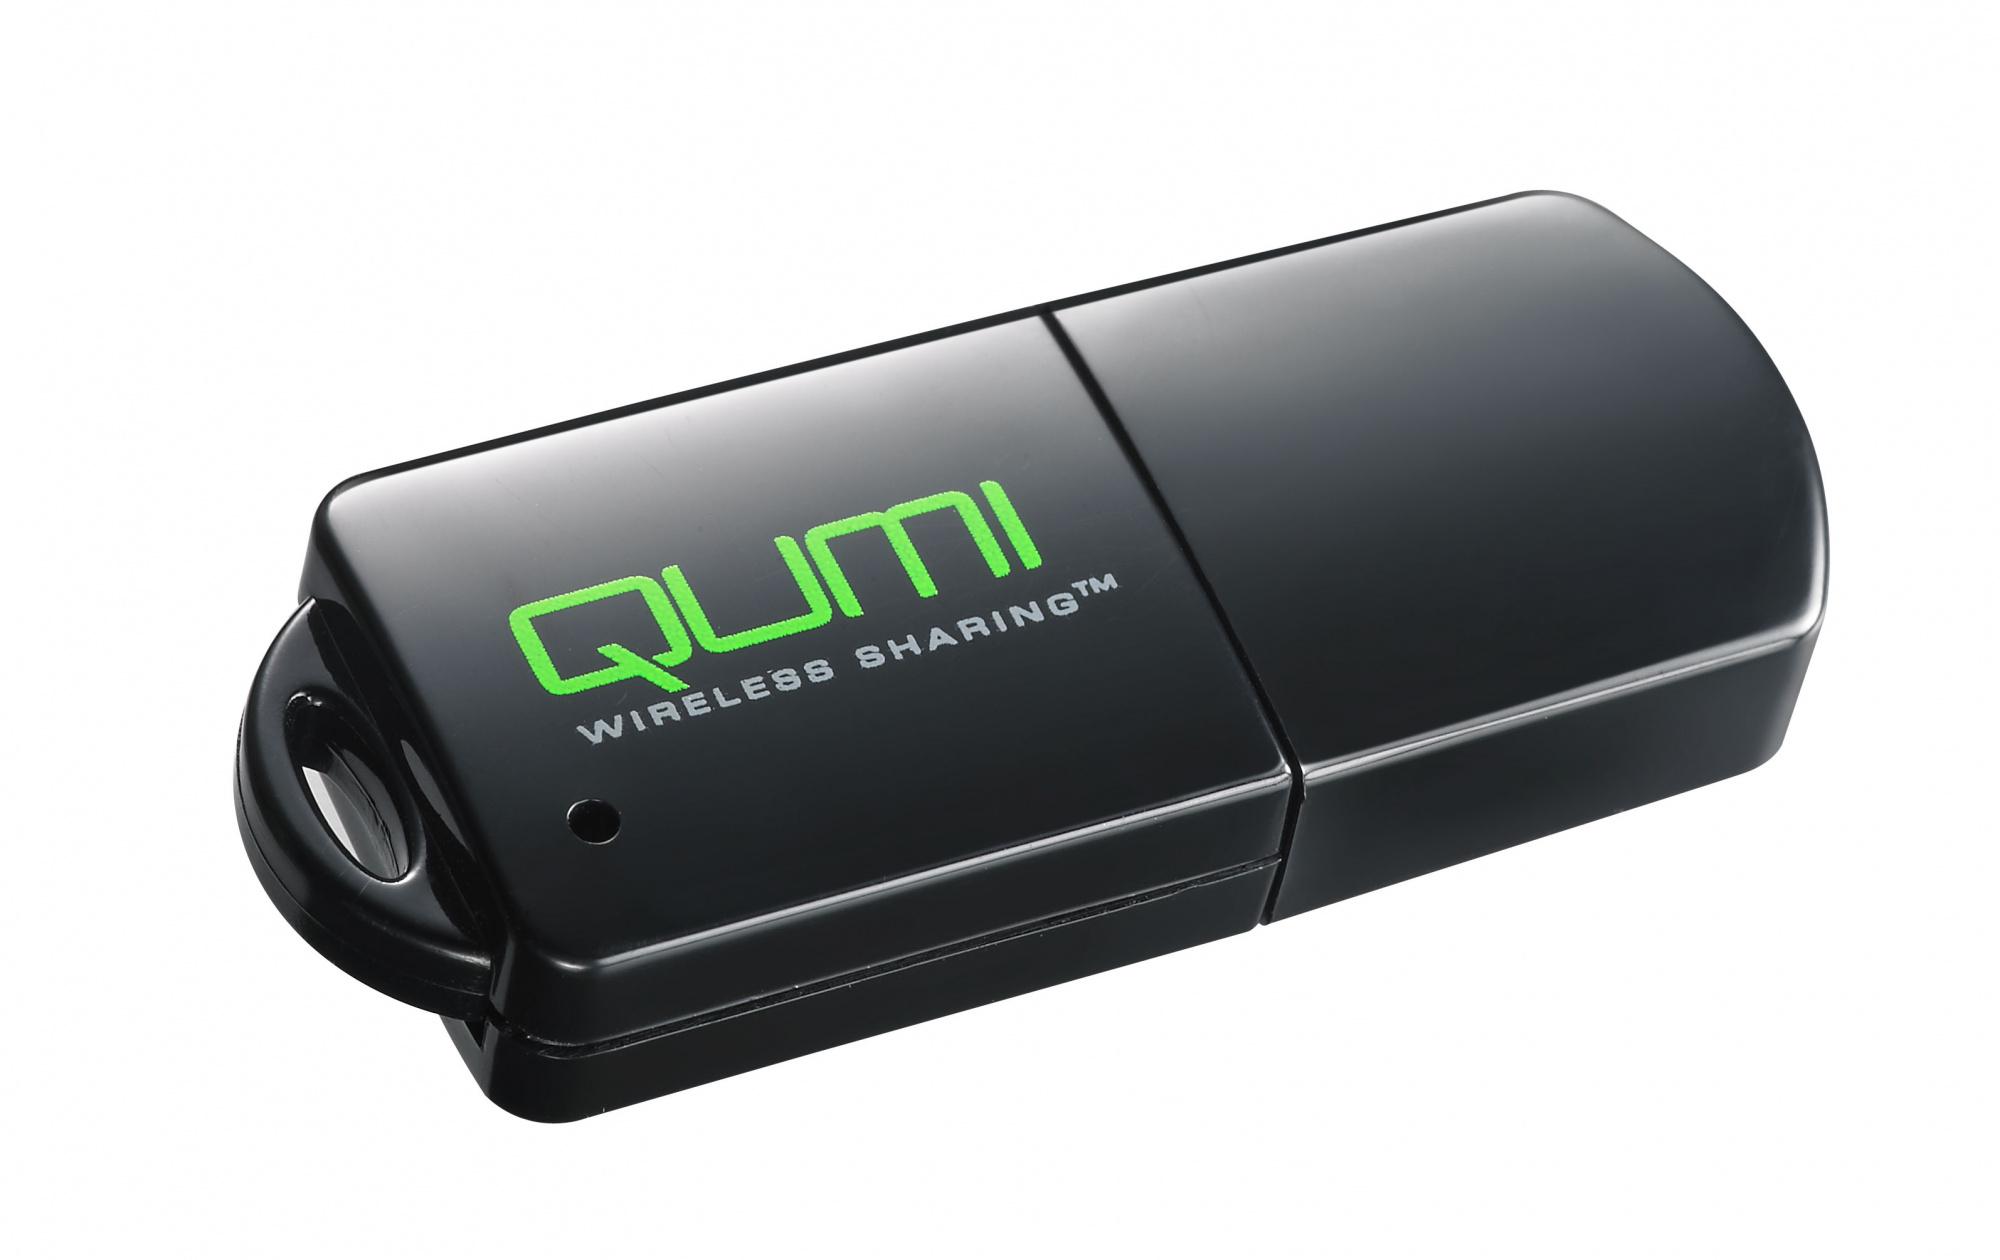 QW-WiFi11